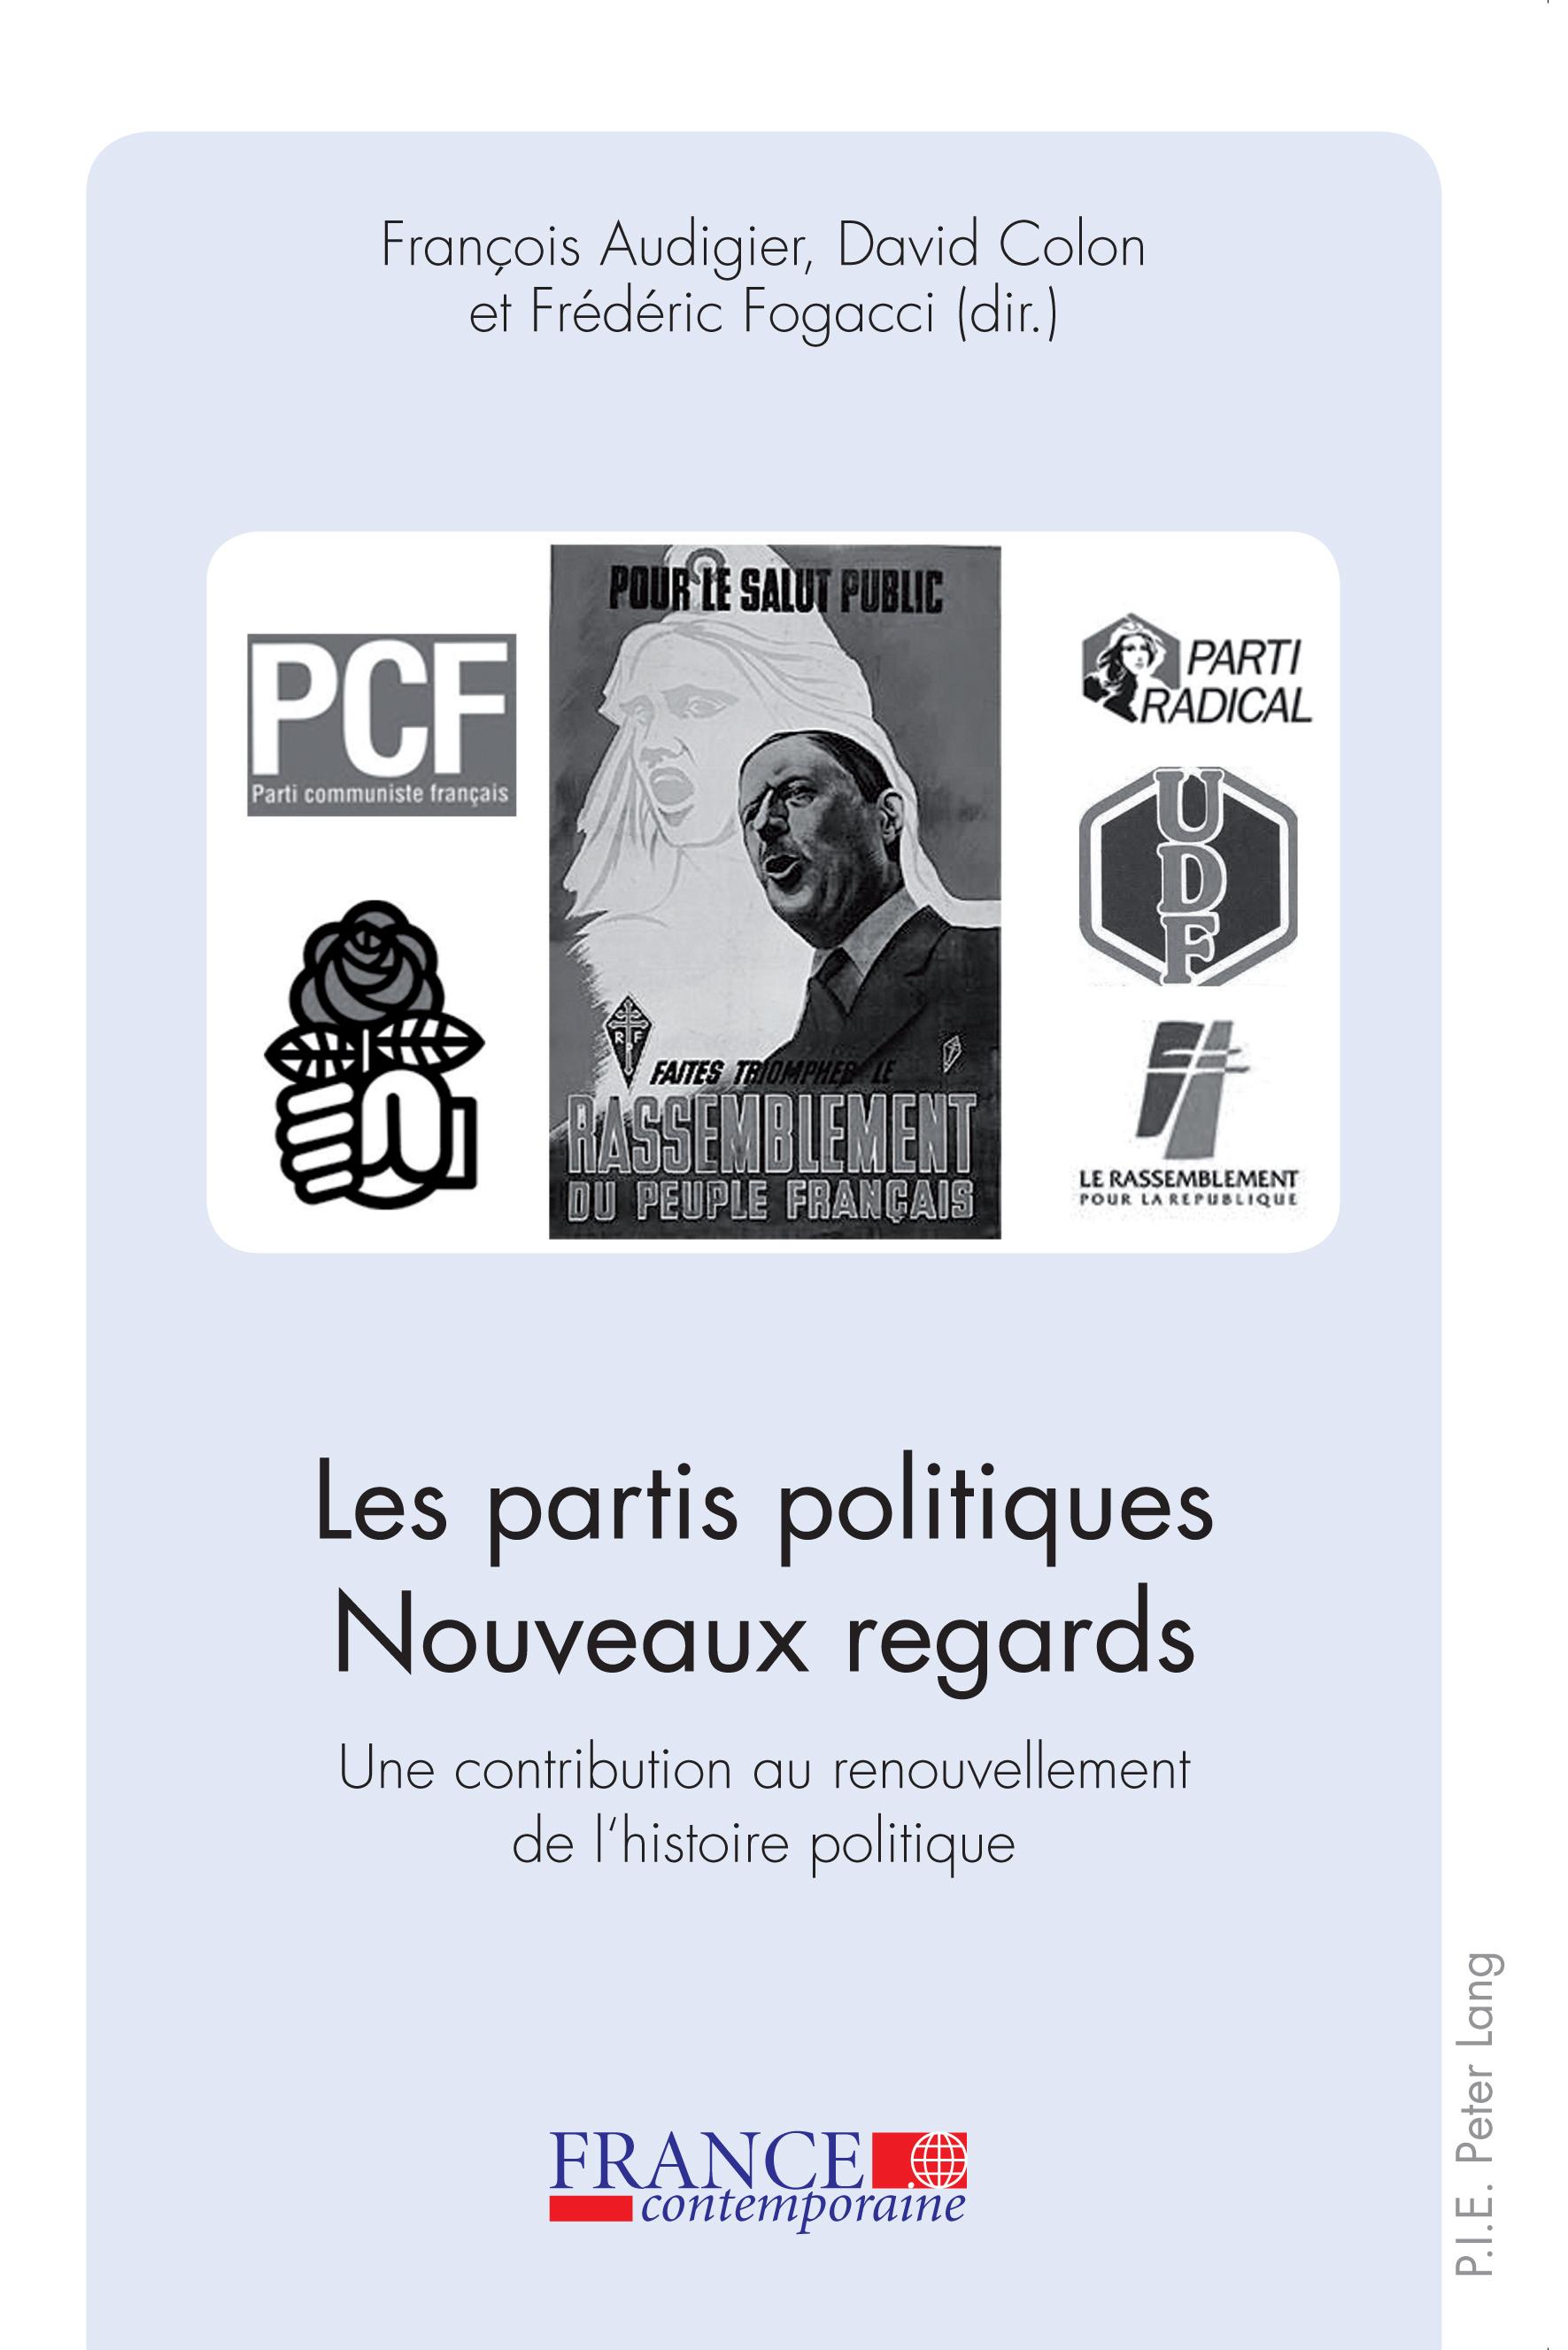 LES PARTIS POLITIQUES: NOUVEAUX REGARDS